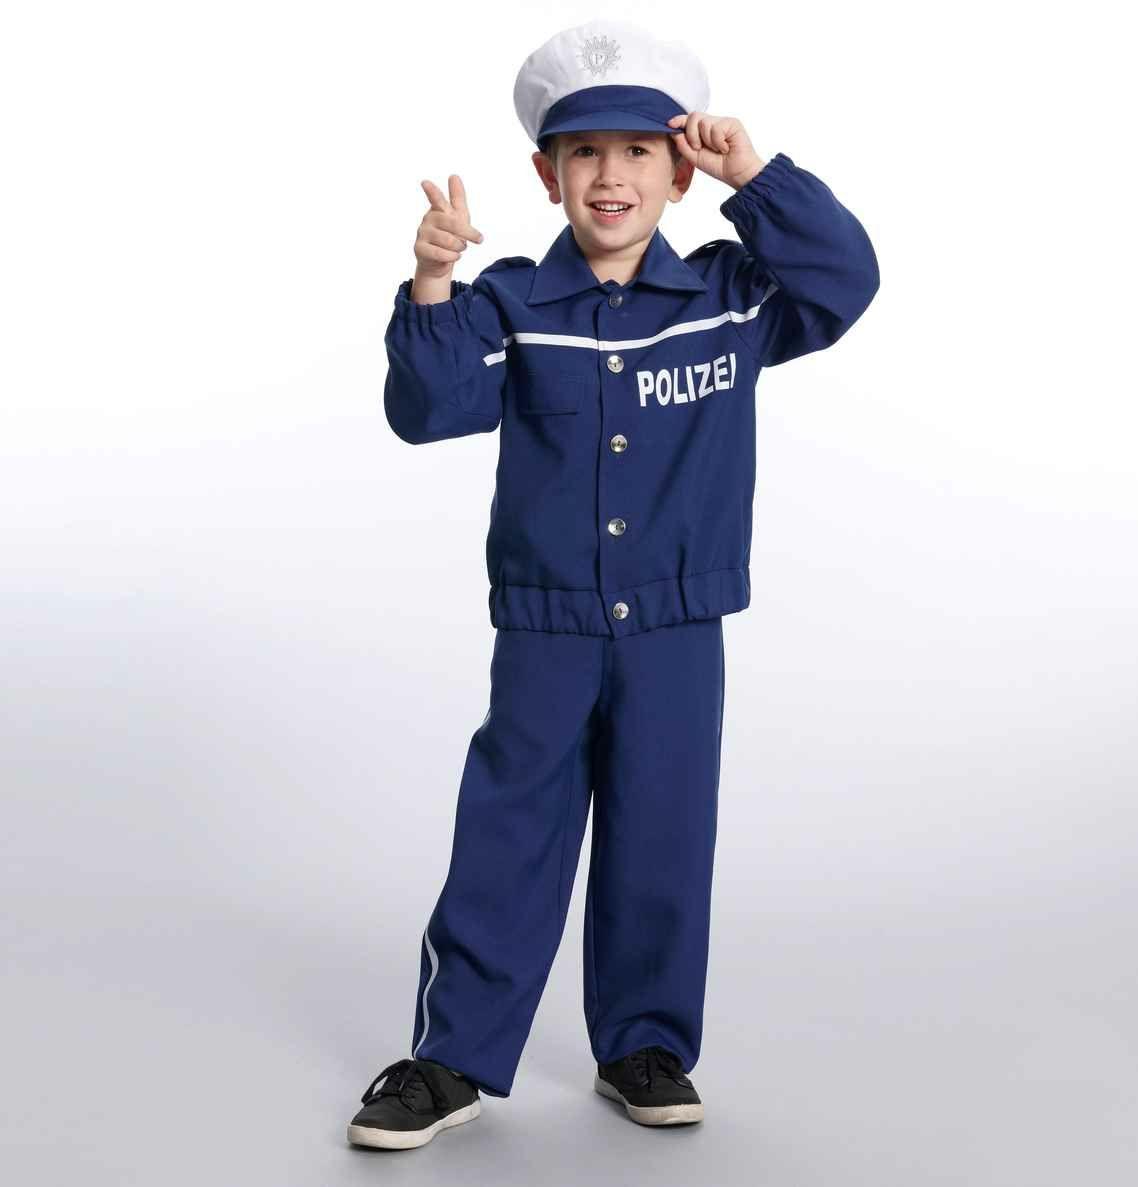 Polizei-Kostüm für Kinder